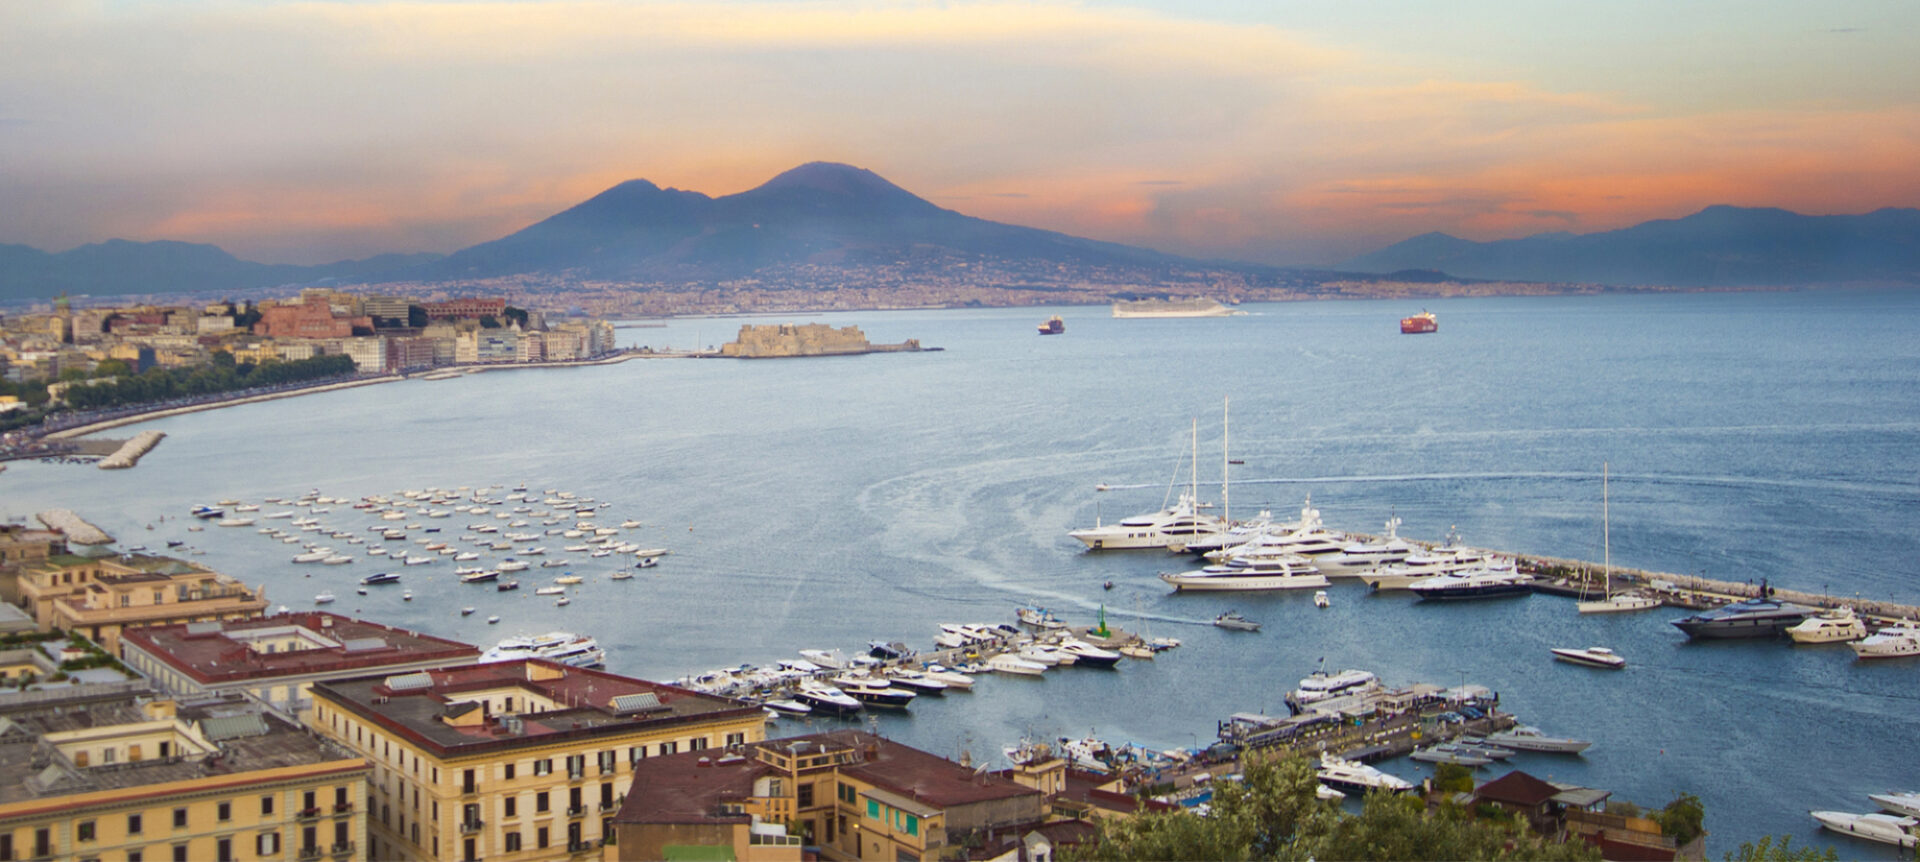 Veduta aerea Golfo di Napoli - Cittamoderna